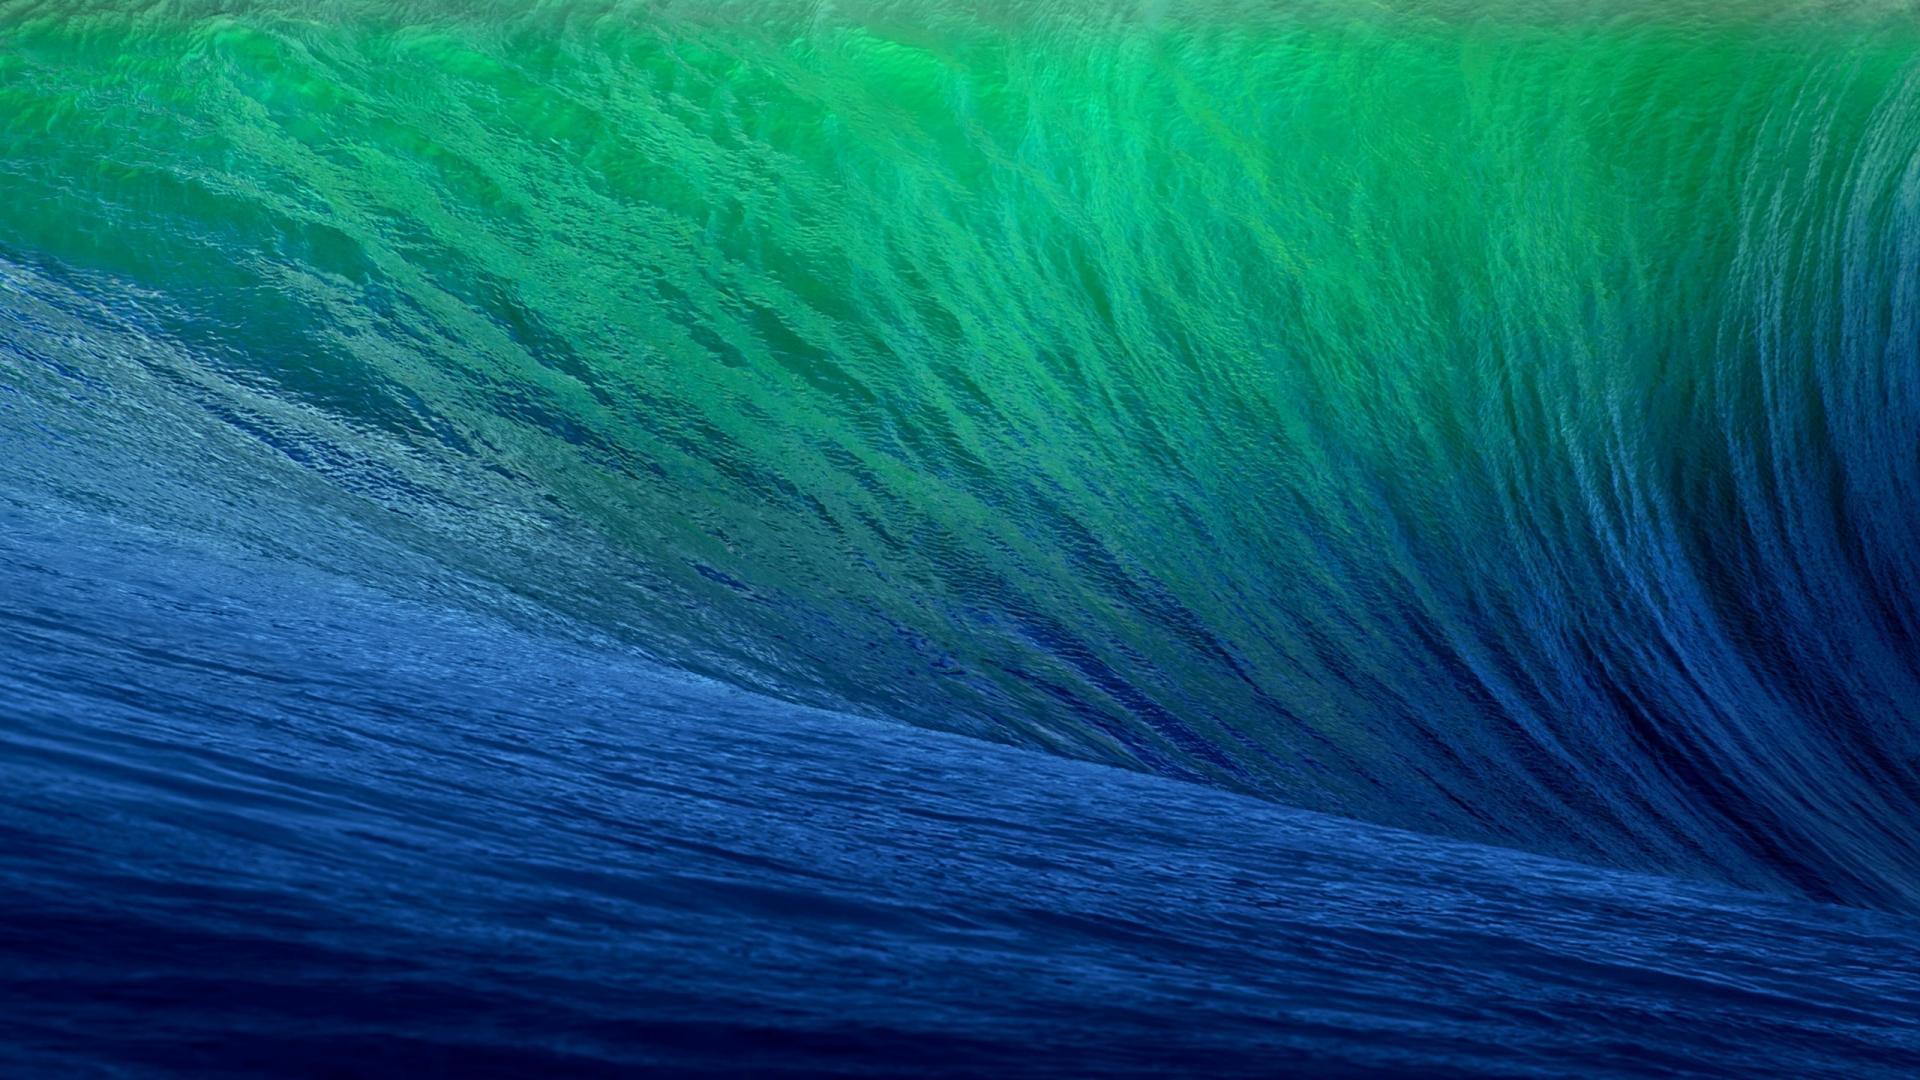 Graphics 3d Wallpapers IOS 7 Ocean Hd Wallpaper 10113 2560x1440 1920x1080